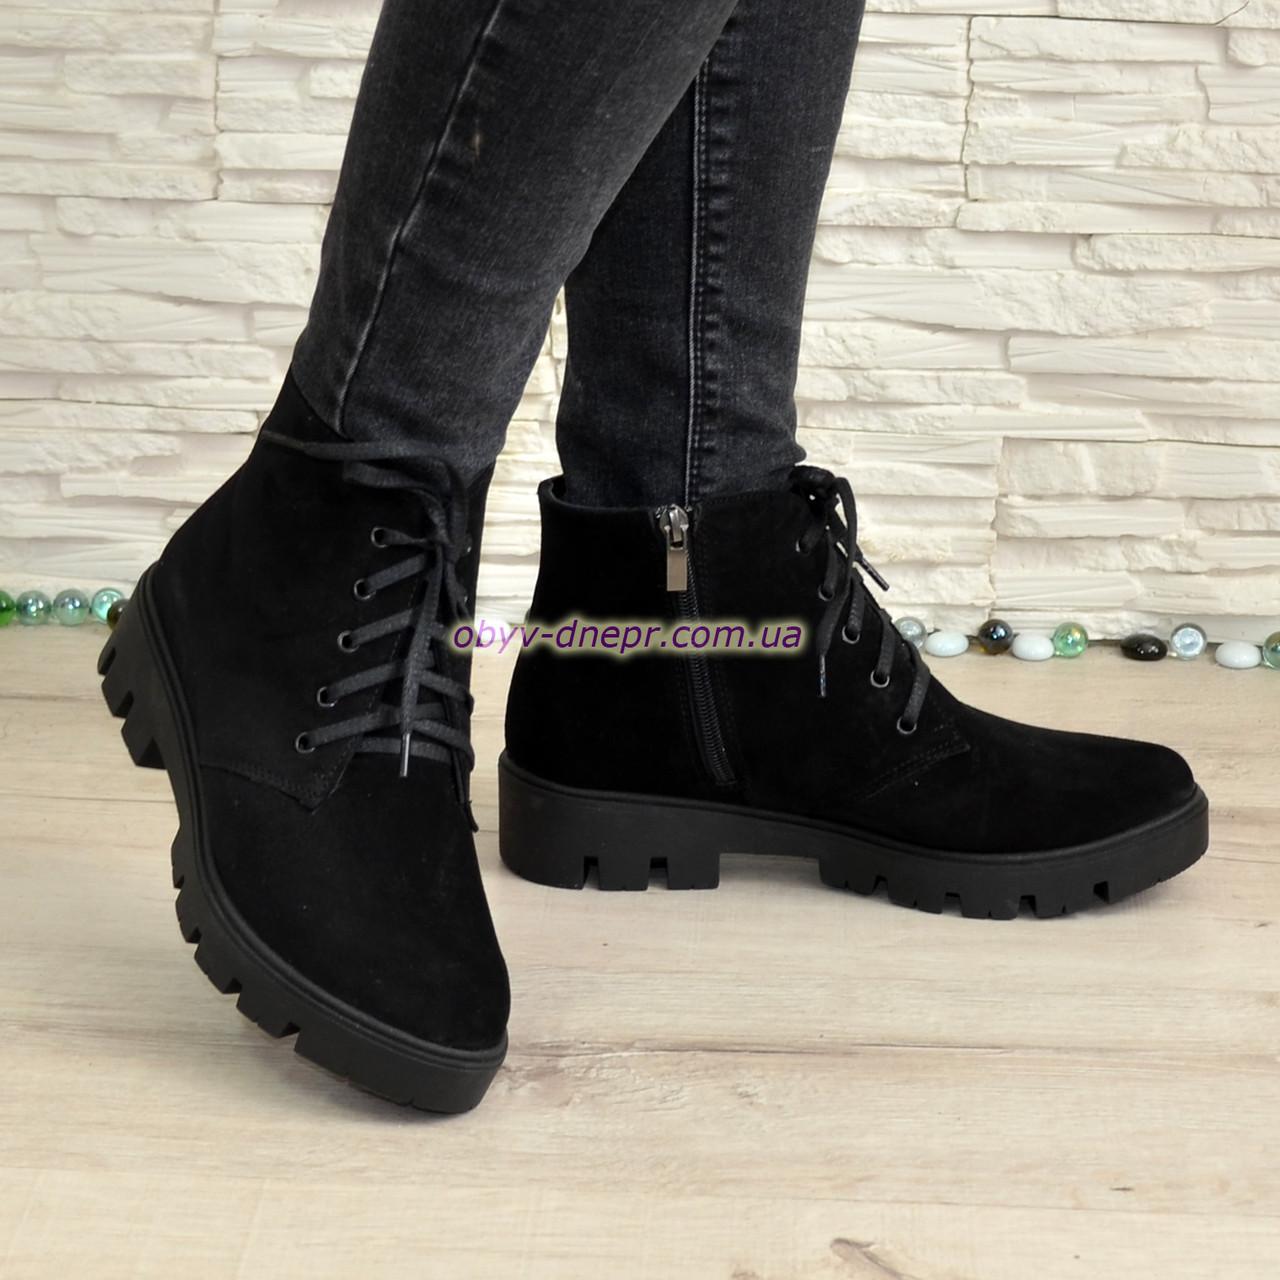 Ботинки демисезонные женские замшевые на шнуровке, утолщенная подошва